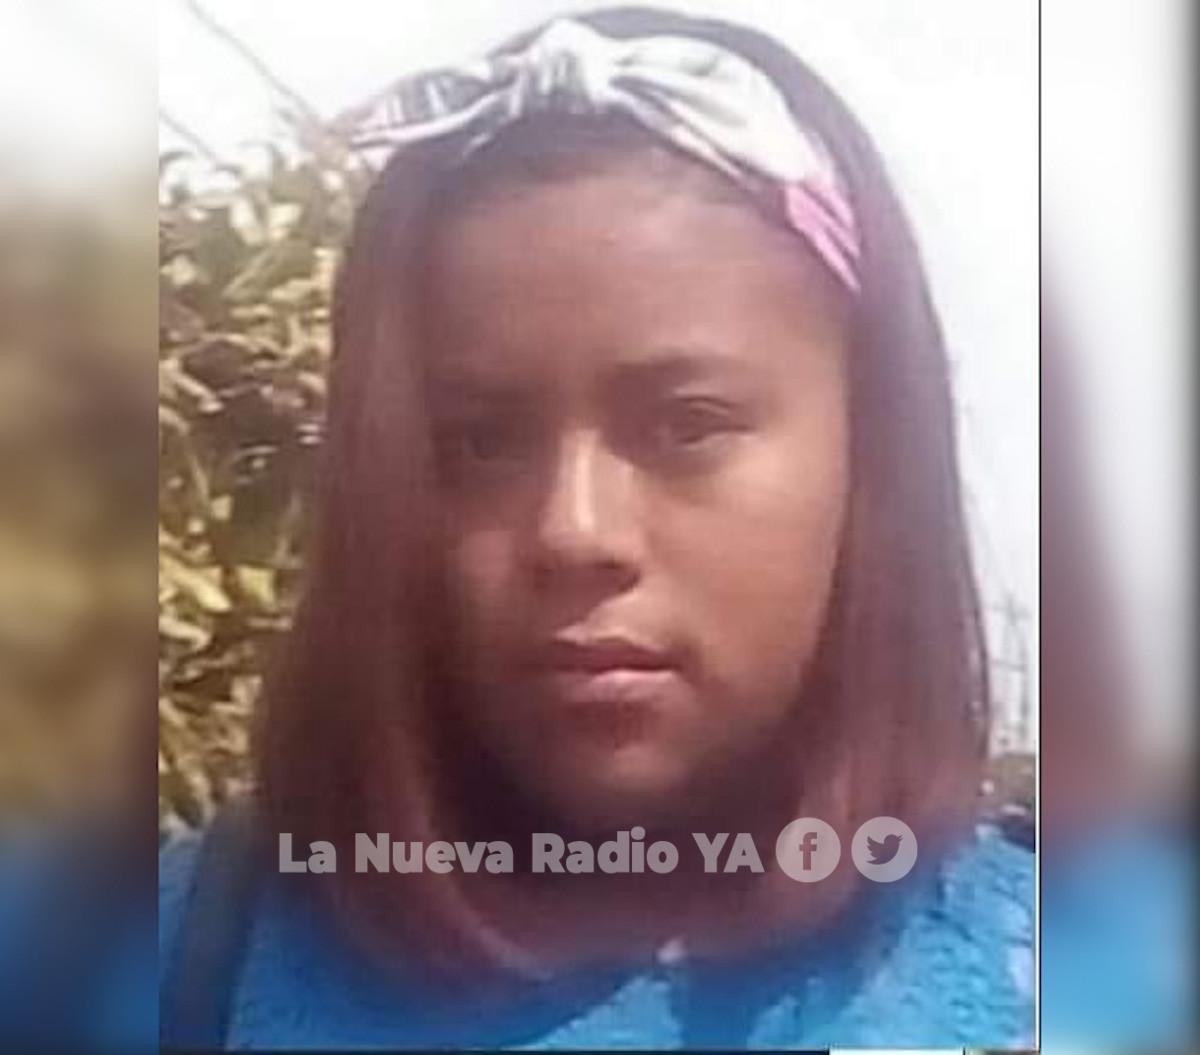 Heydi Carolina Osegueda